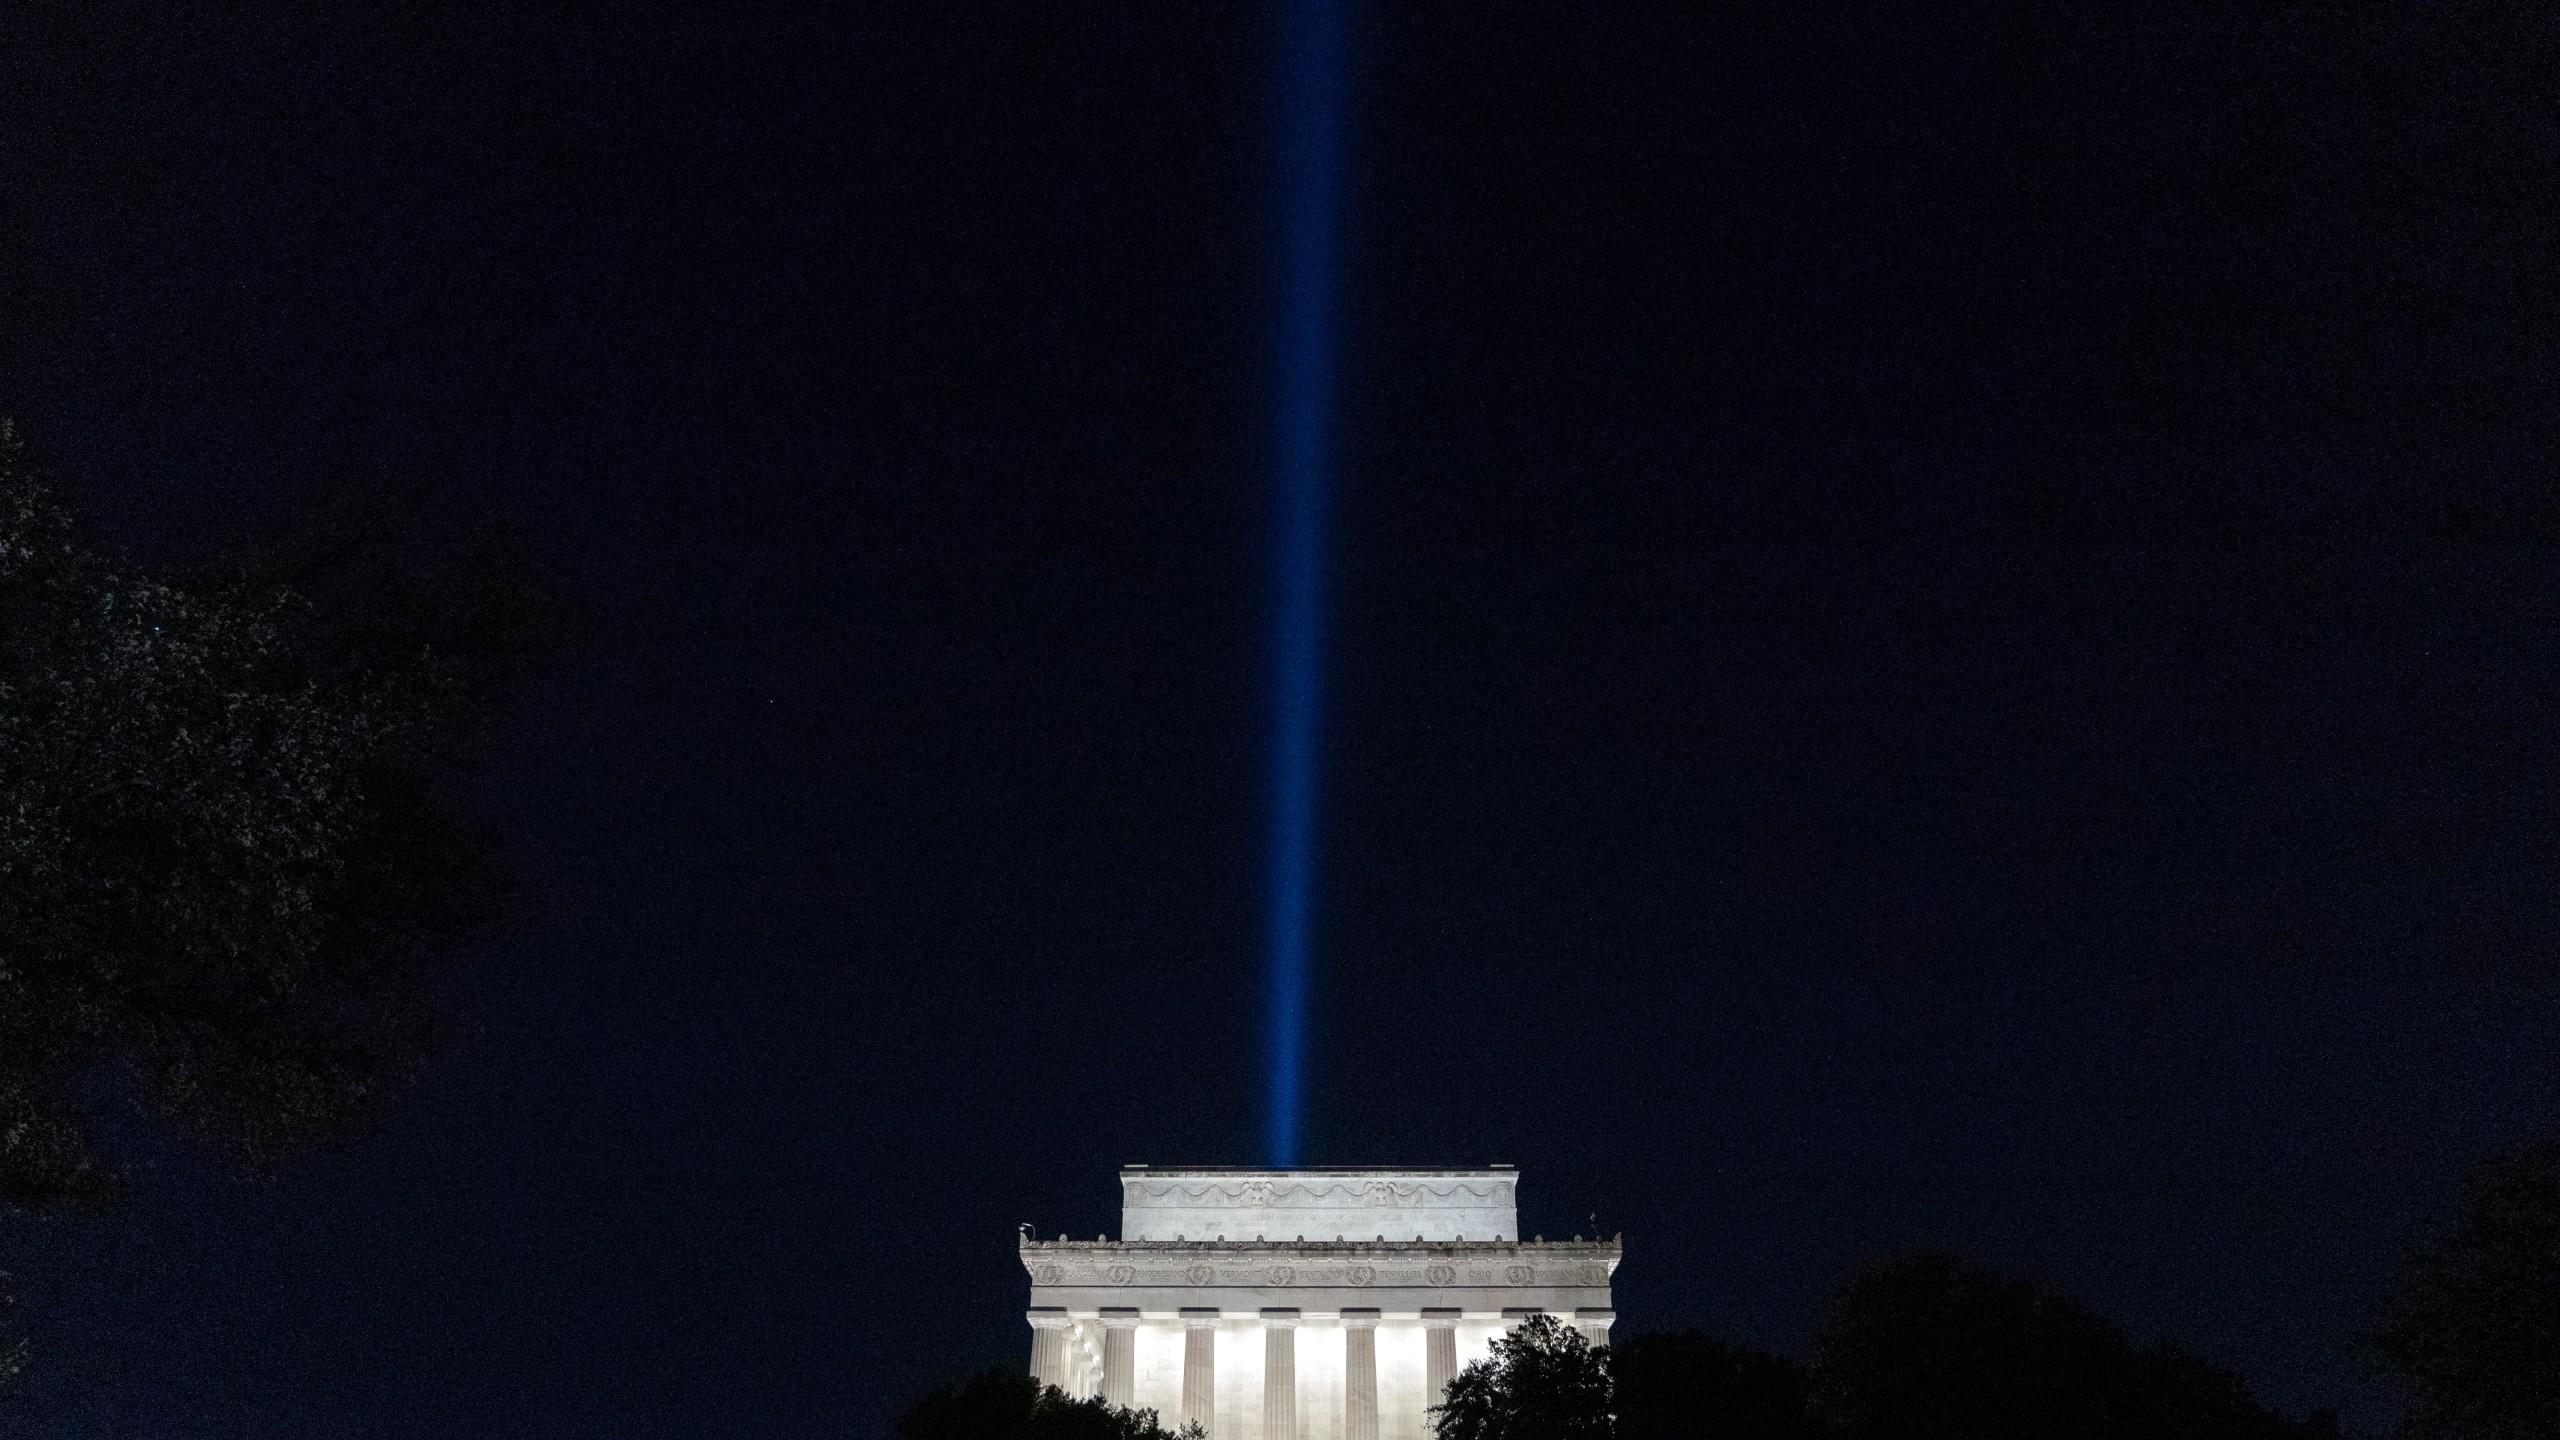 9/11 Pentagon